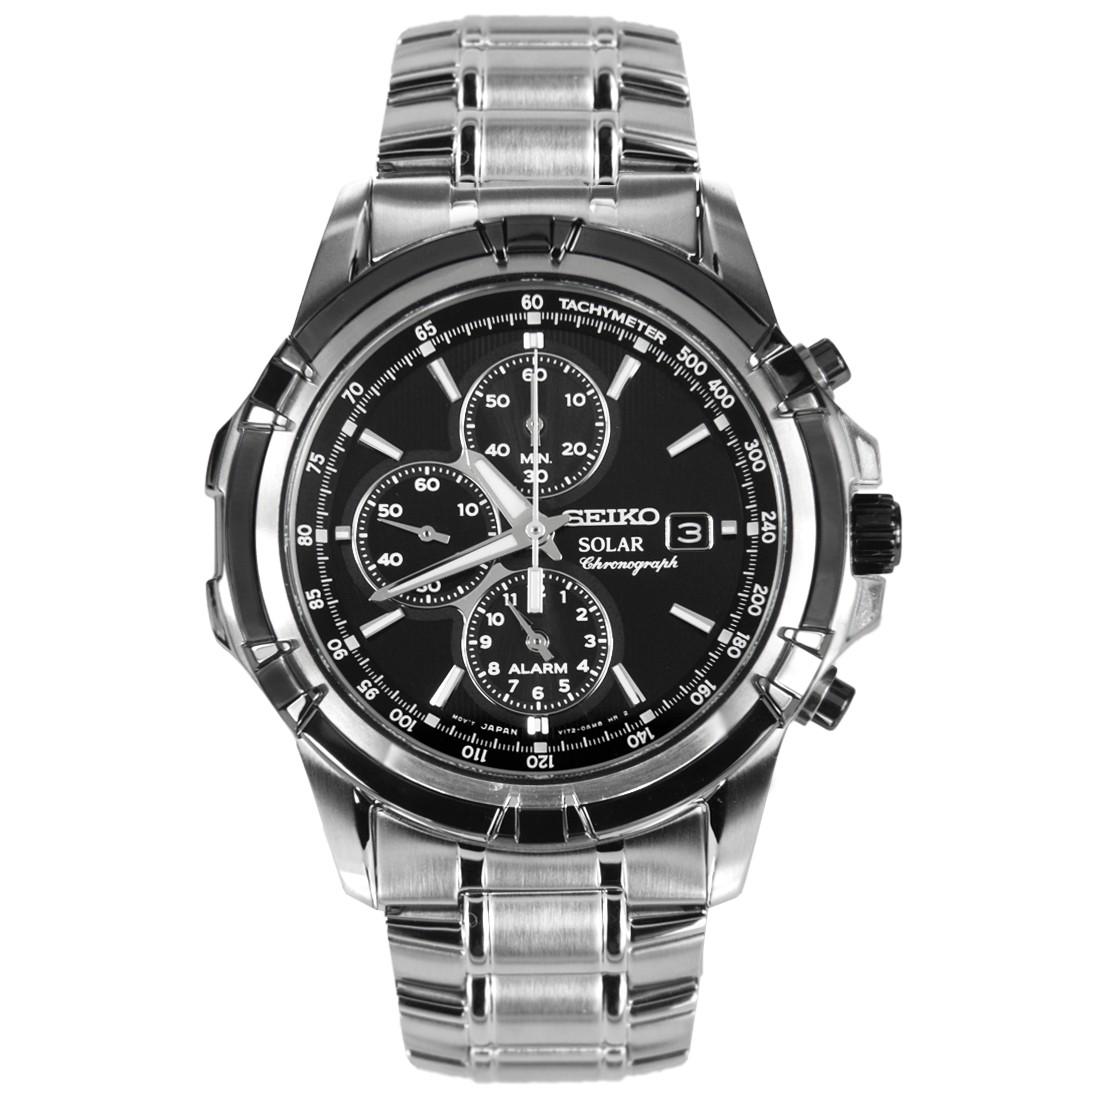 นาฬิกา Seiko Solar Chronograph Tachymeter รุ่น SSC147P1